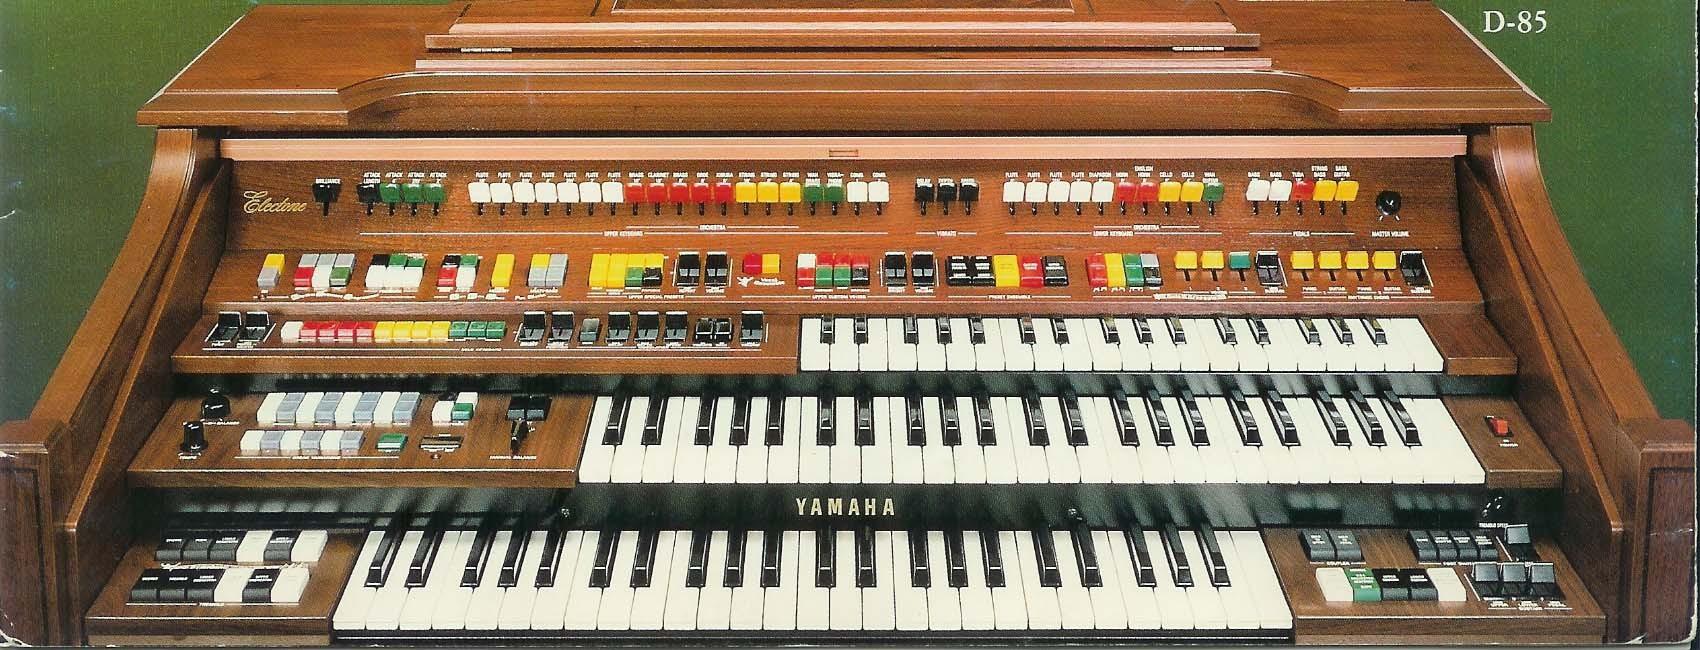 User reviews: Yamaha Electone D85 - Audiofanzine